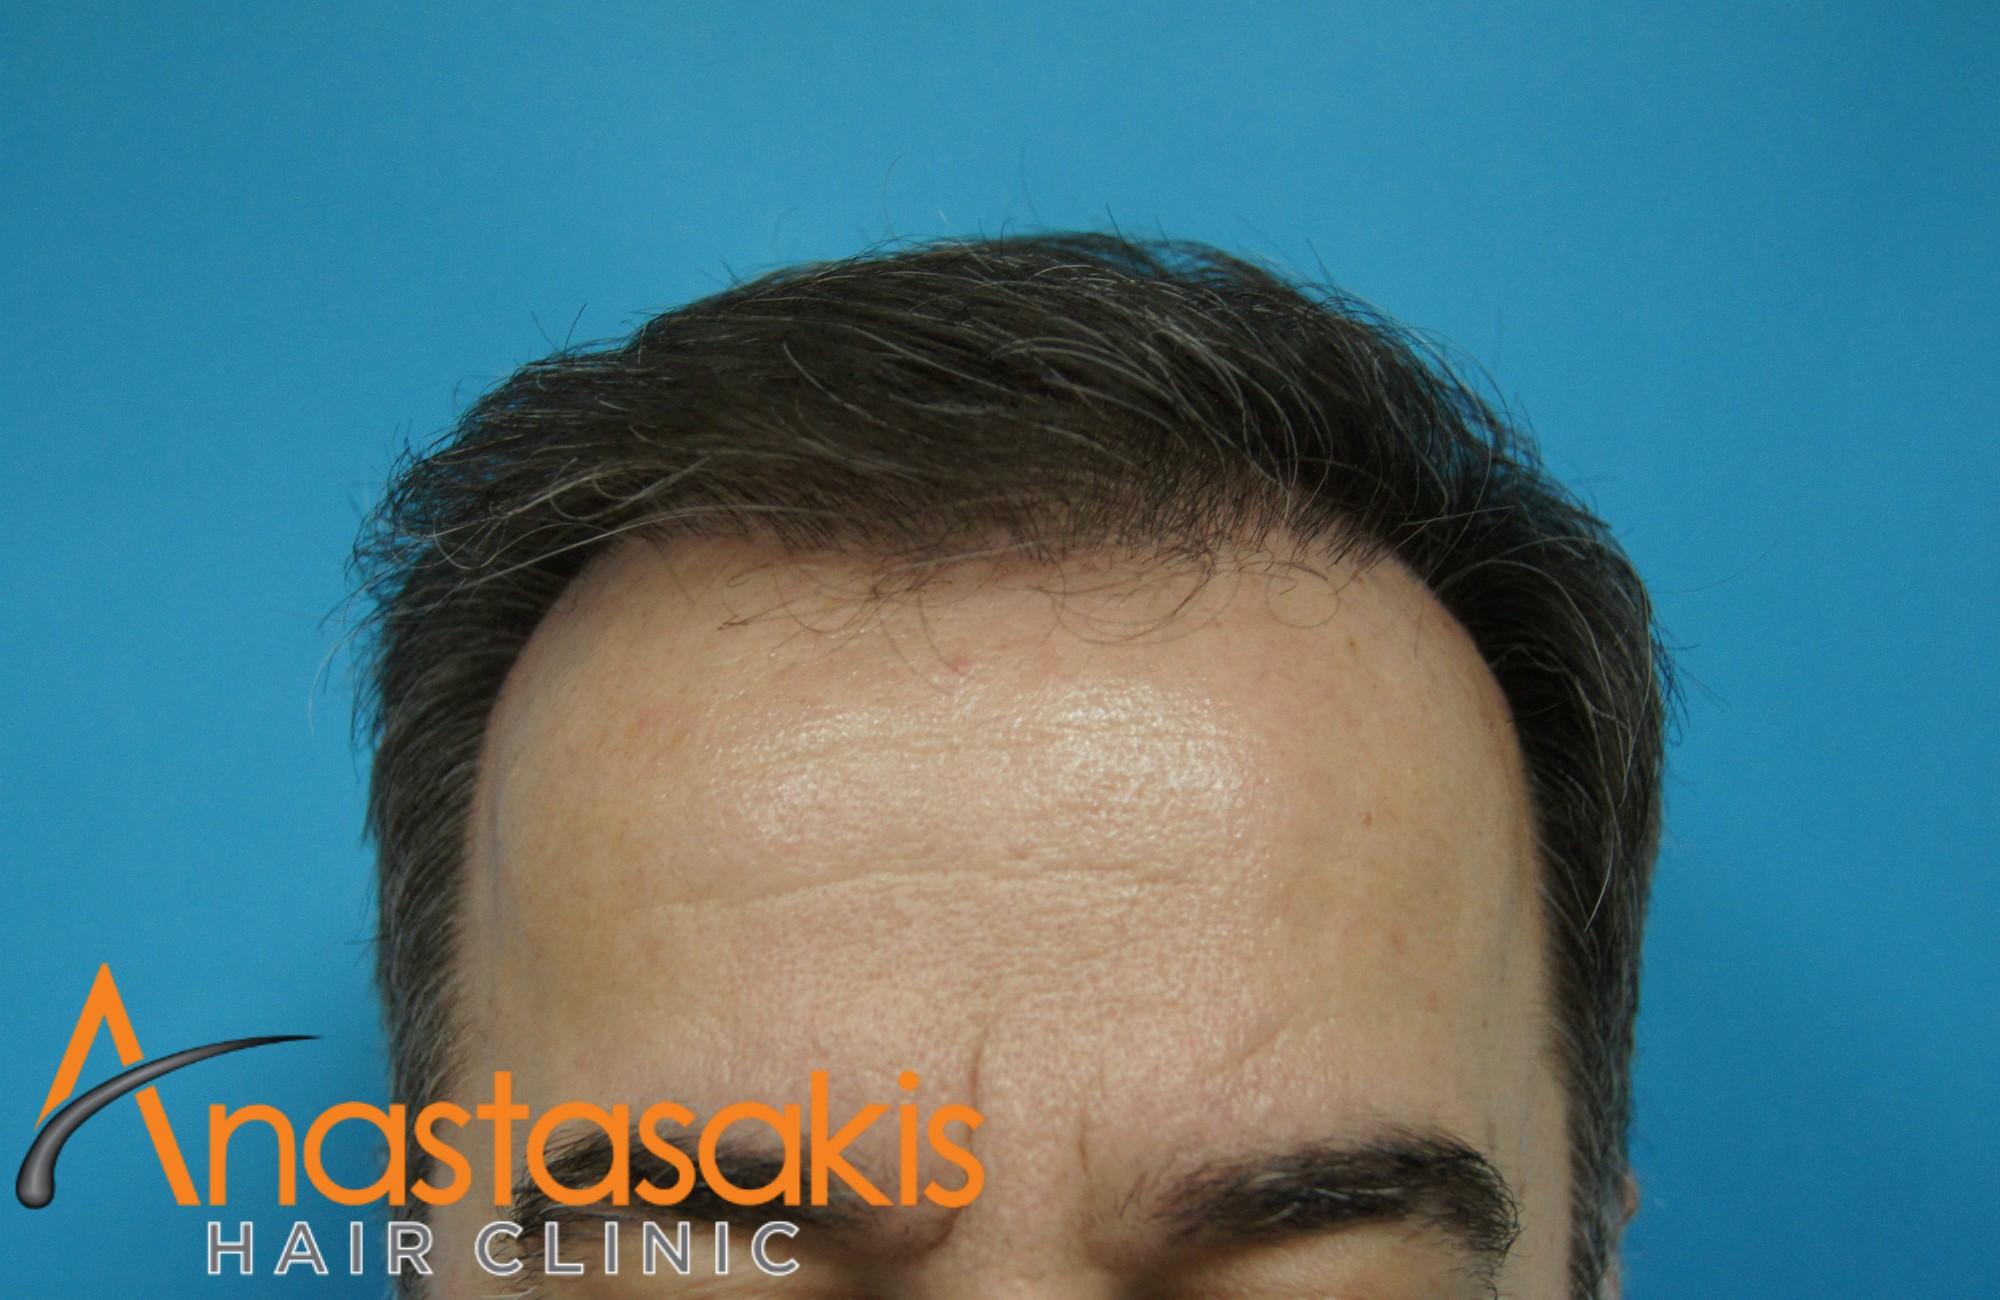 hairline ασθενους μετα τη μεταμοσχευση μαλλιων με 2000 fus